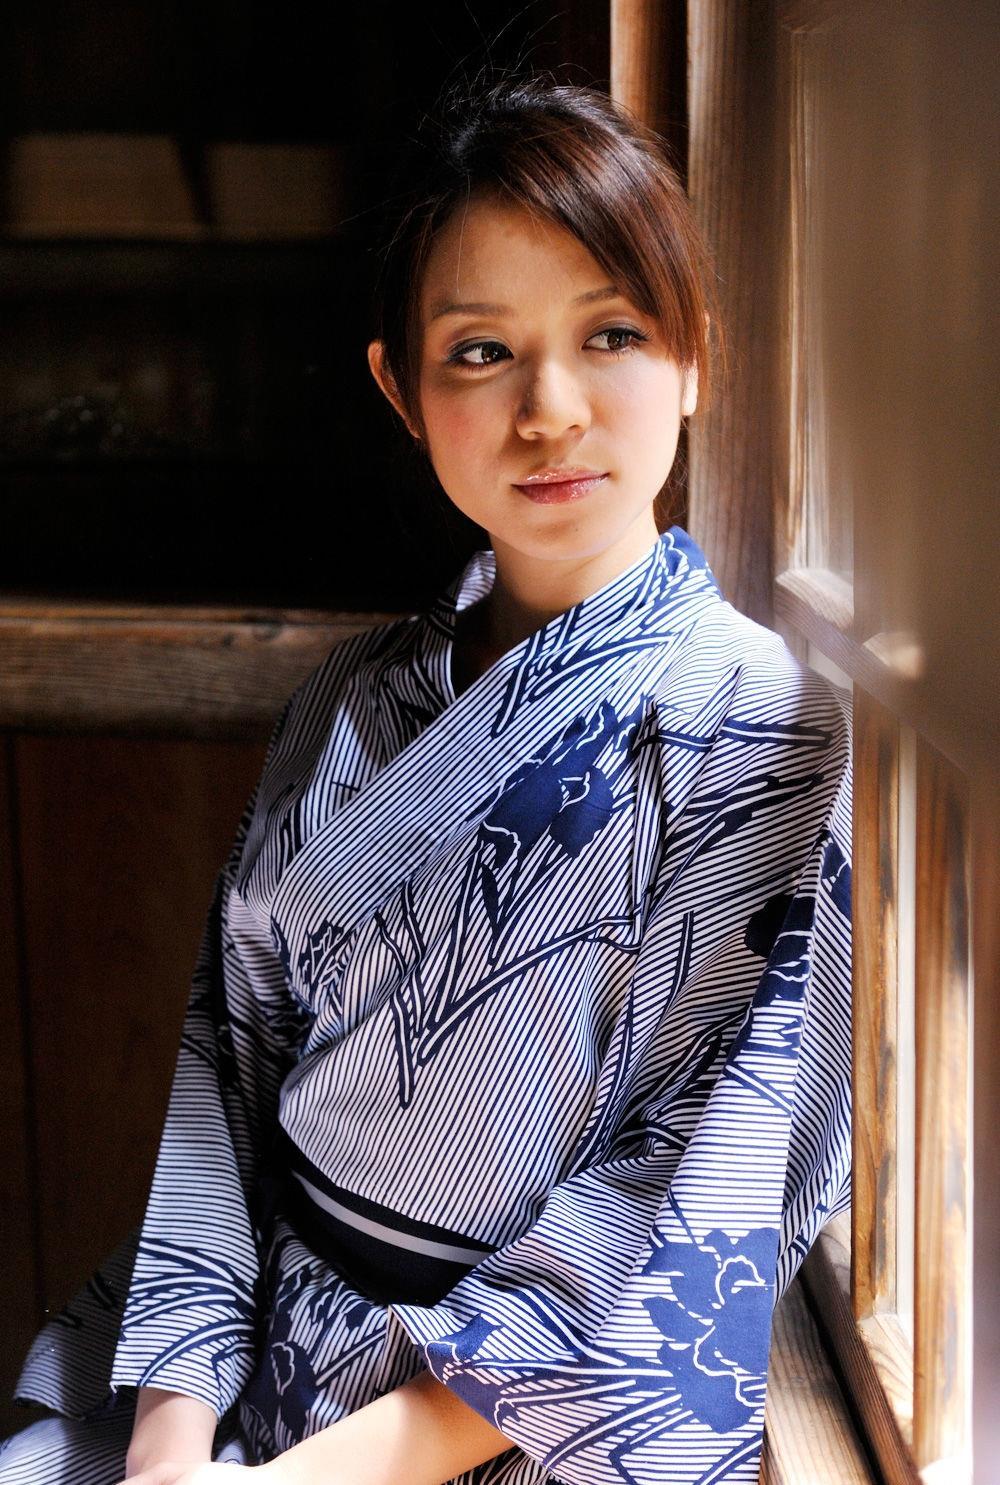 藤井シェリー セクシー画像 2